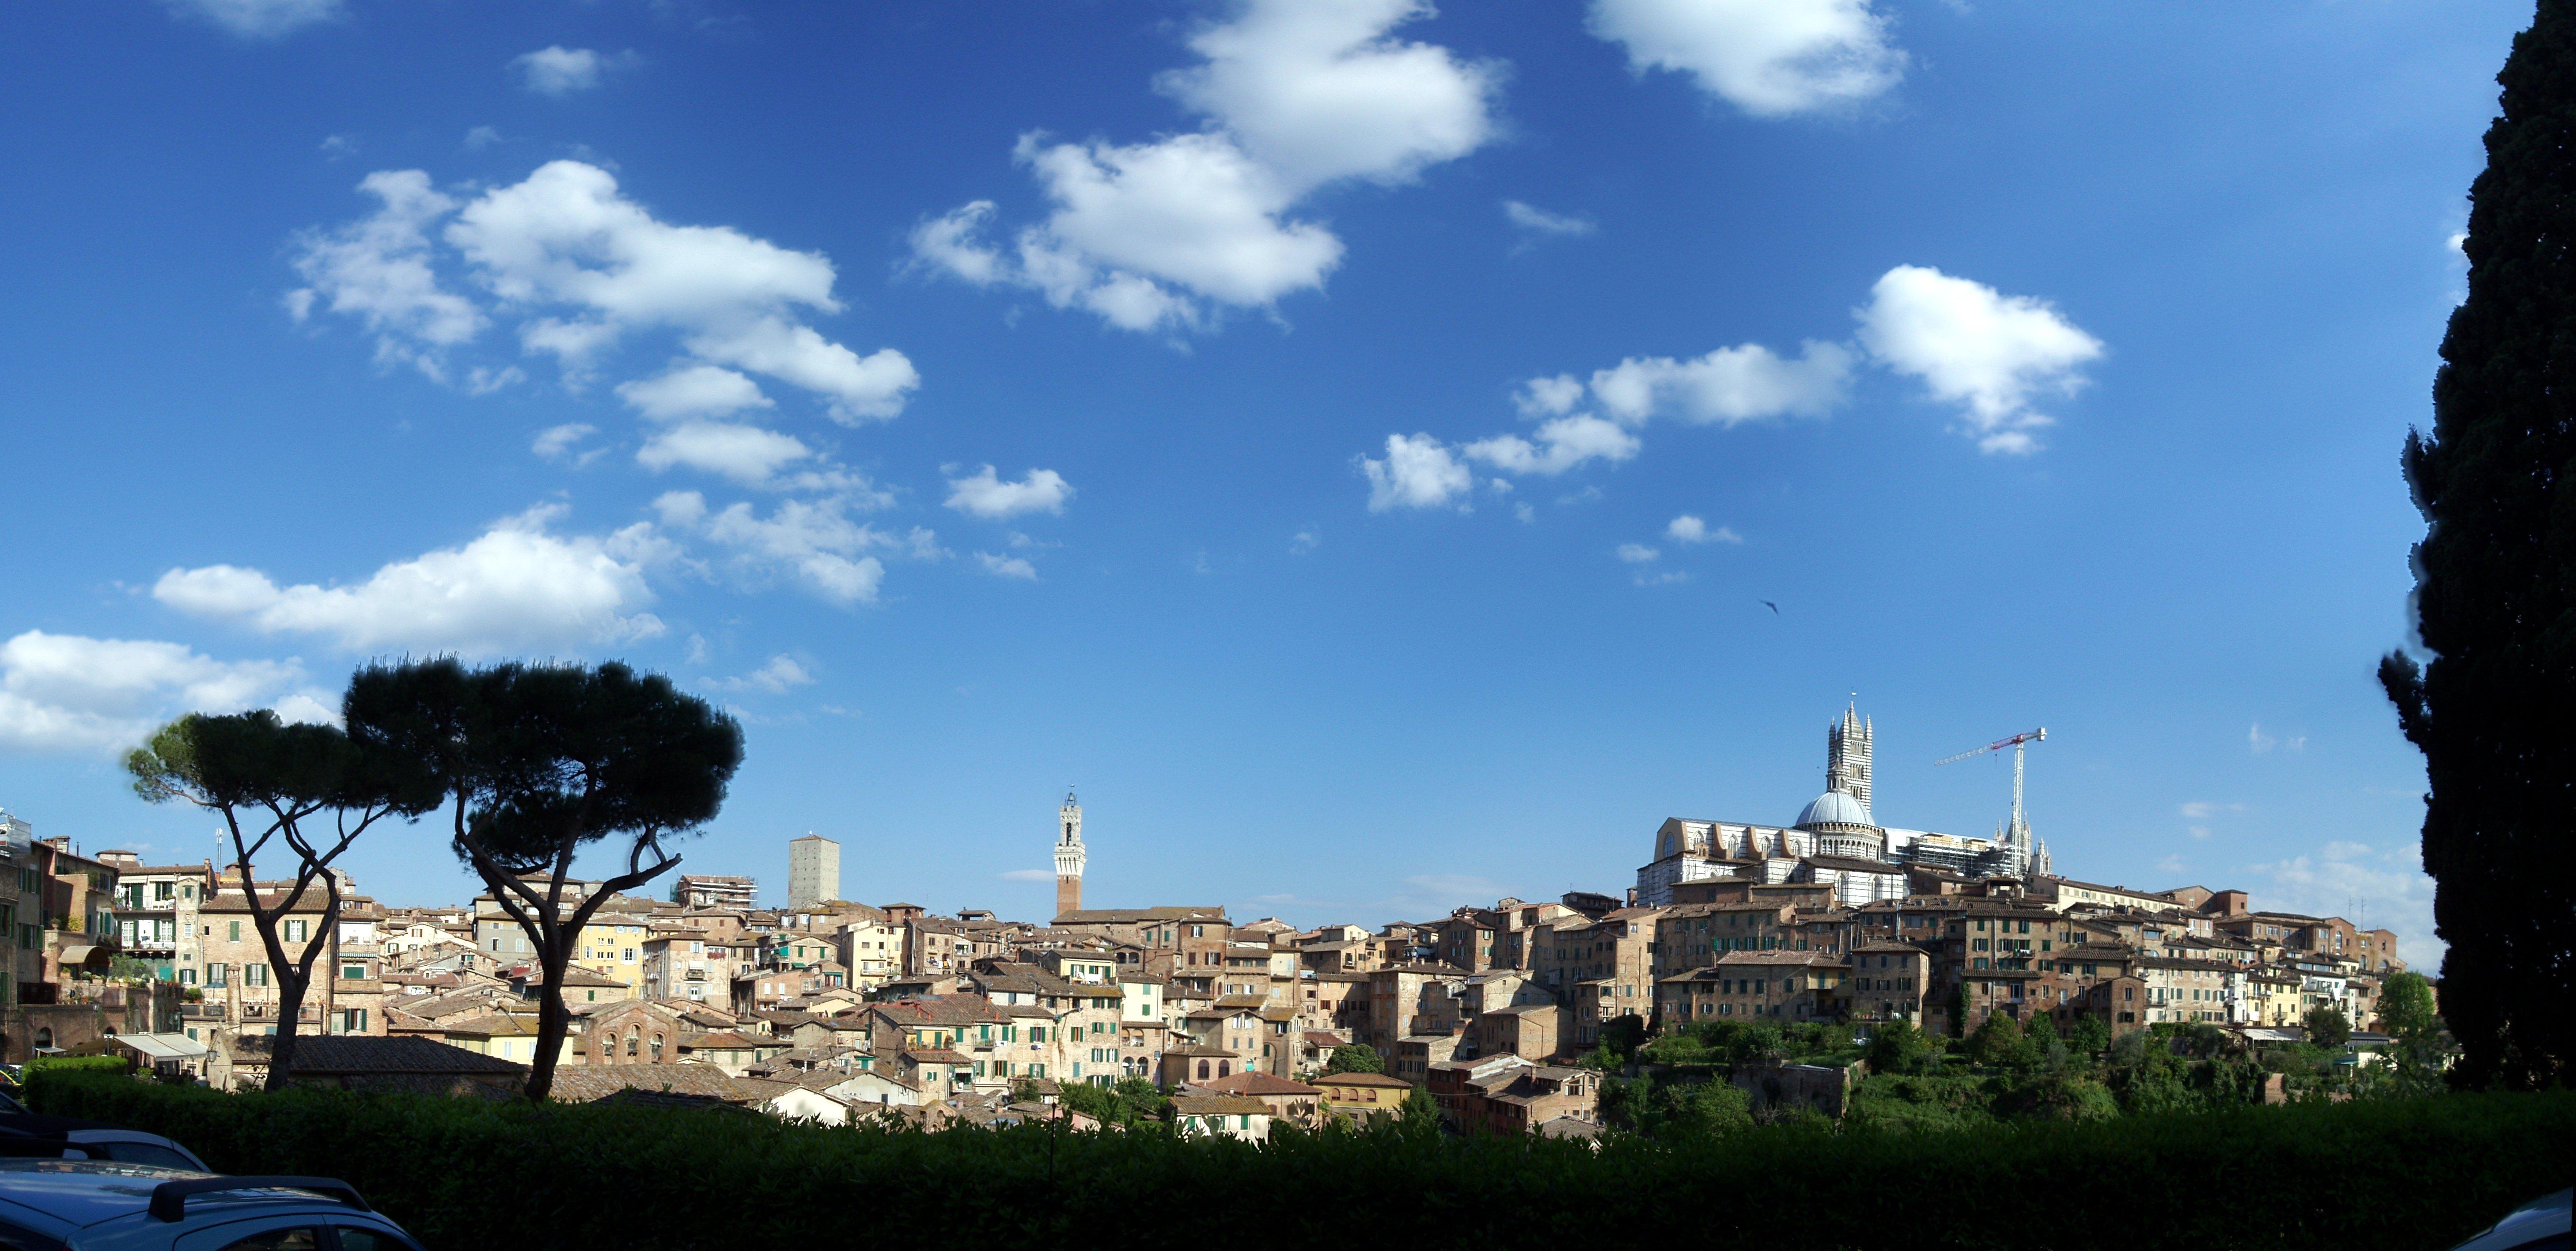 Sunteti asteptati deseara la Seara Toscana la Trattoria per passione